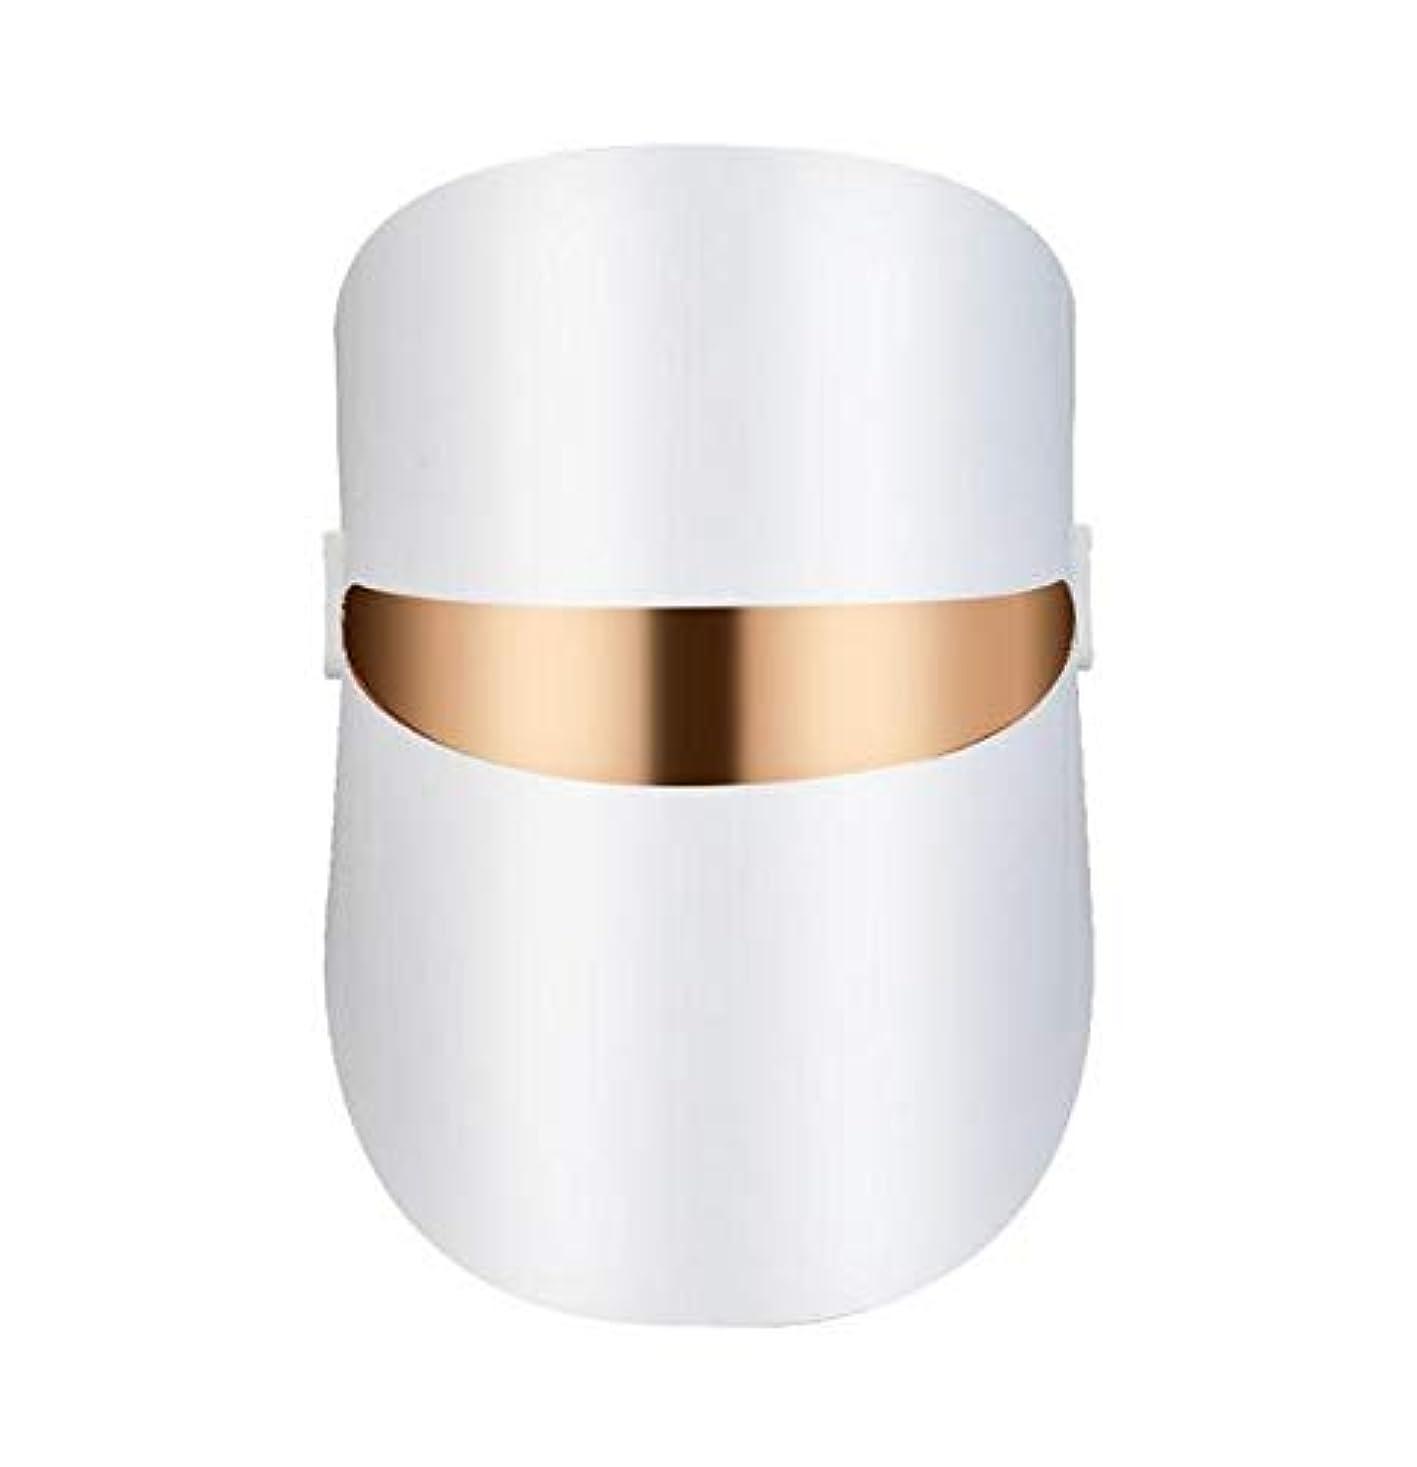 プレゼンホース少なくともLEDマスクフェイシャルケアアンチリンクルマシンにきび除去美容スパデバイス肌の若返りホワイトフェイスマスカー